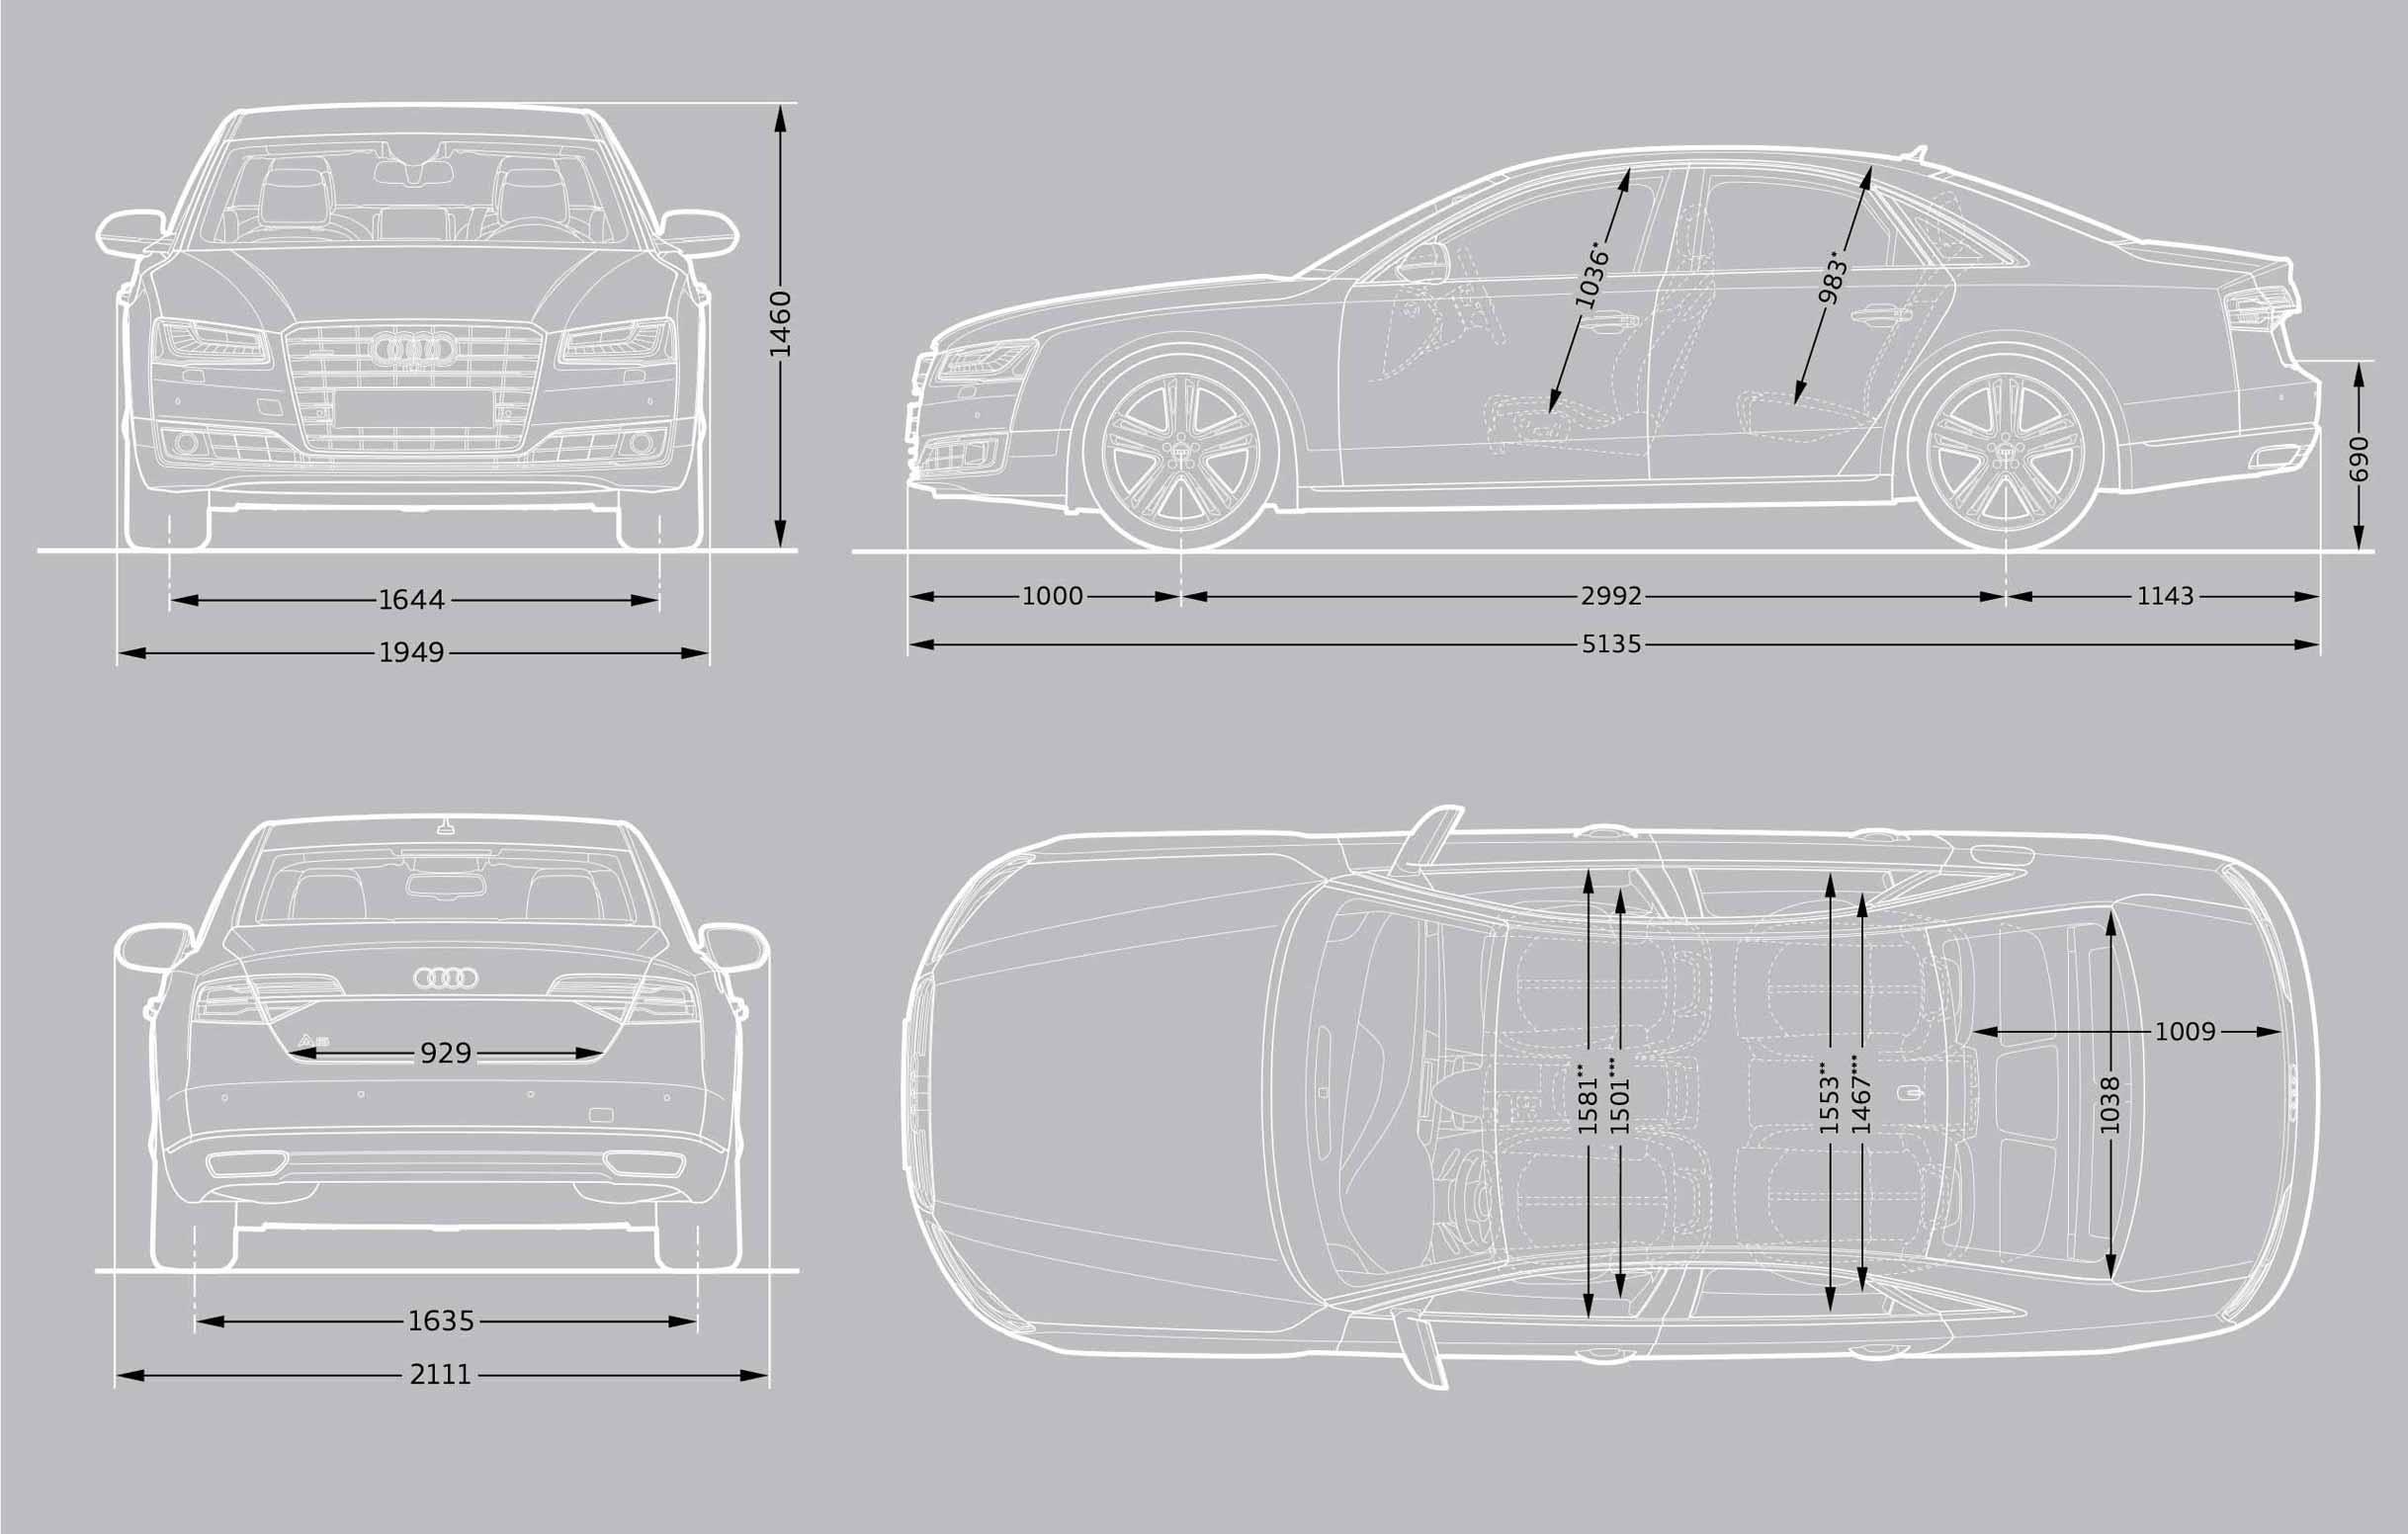 Audi A8 Dimensions